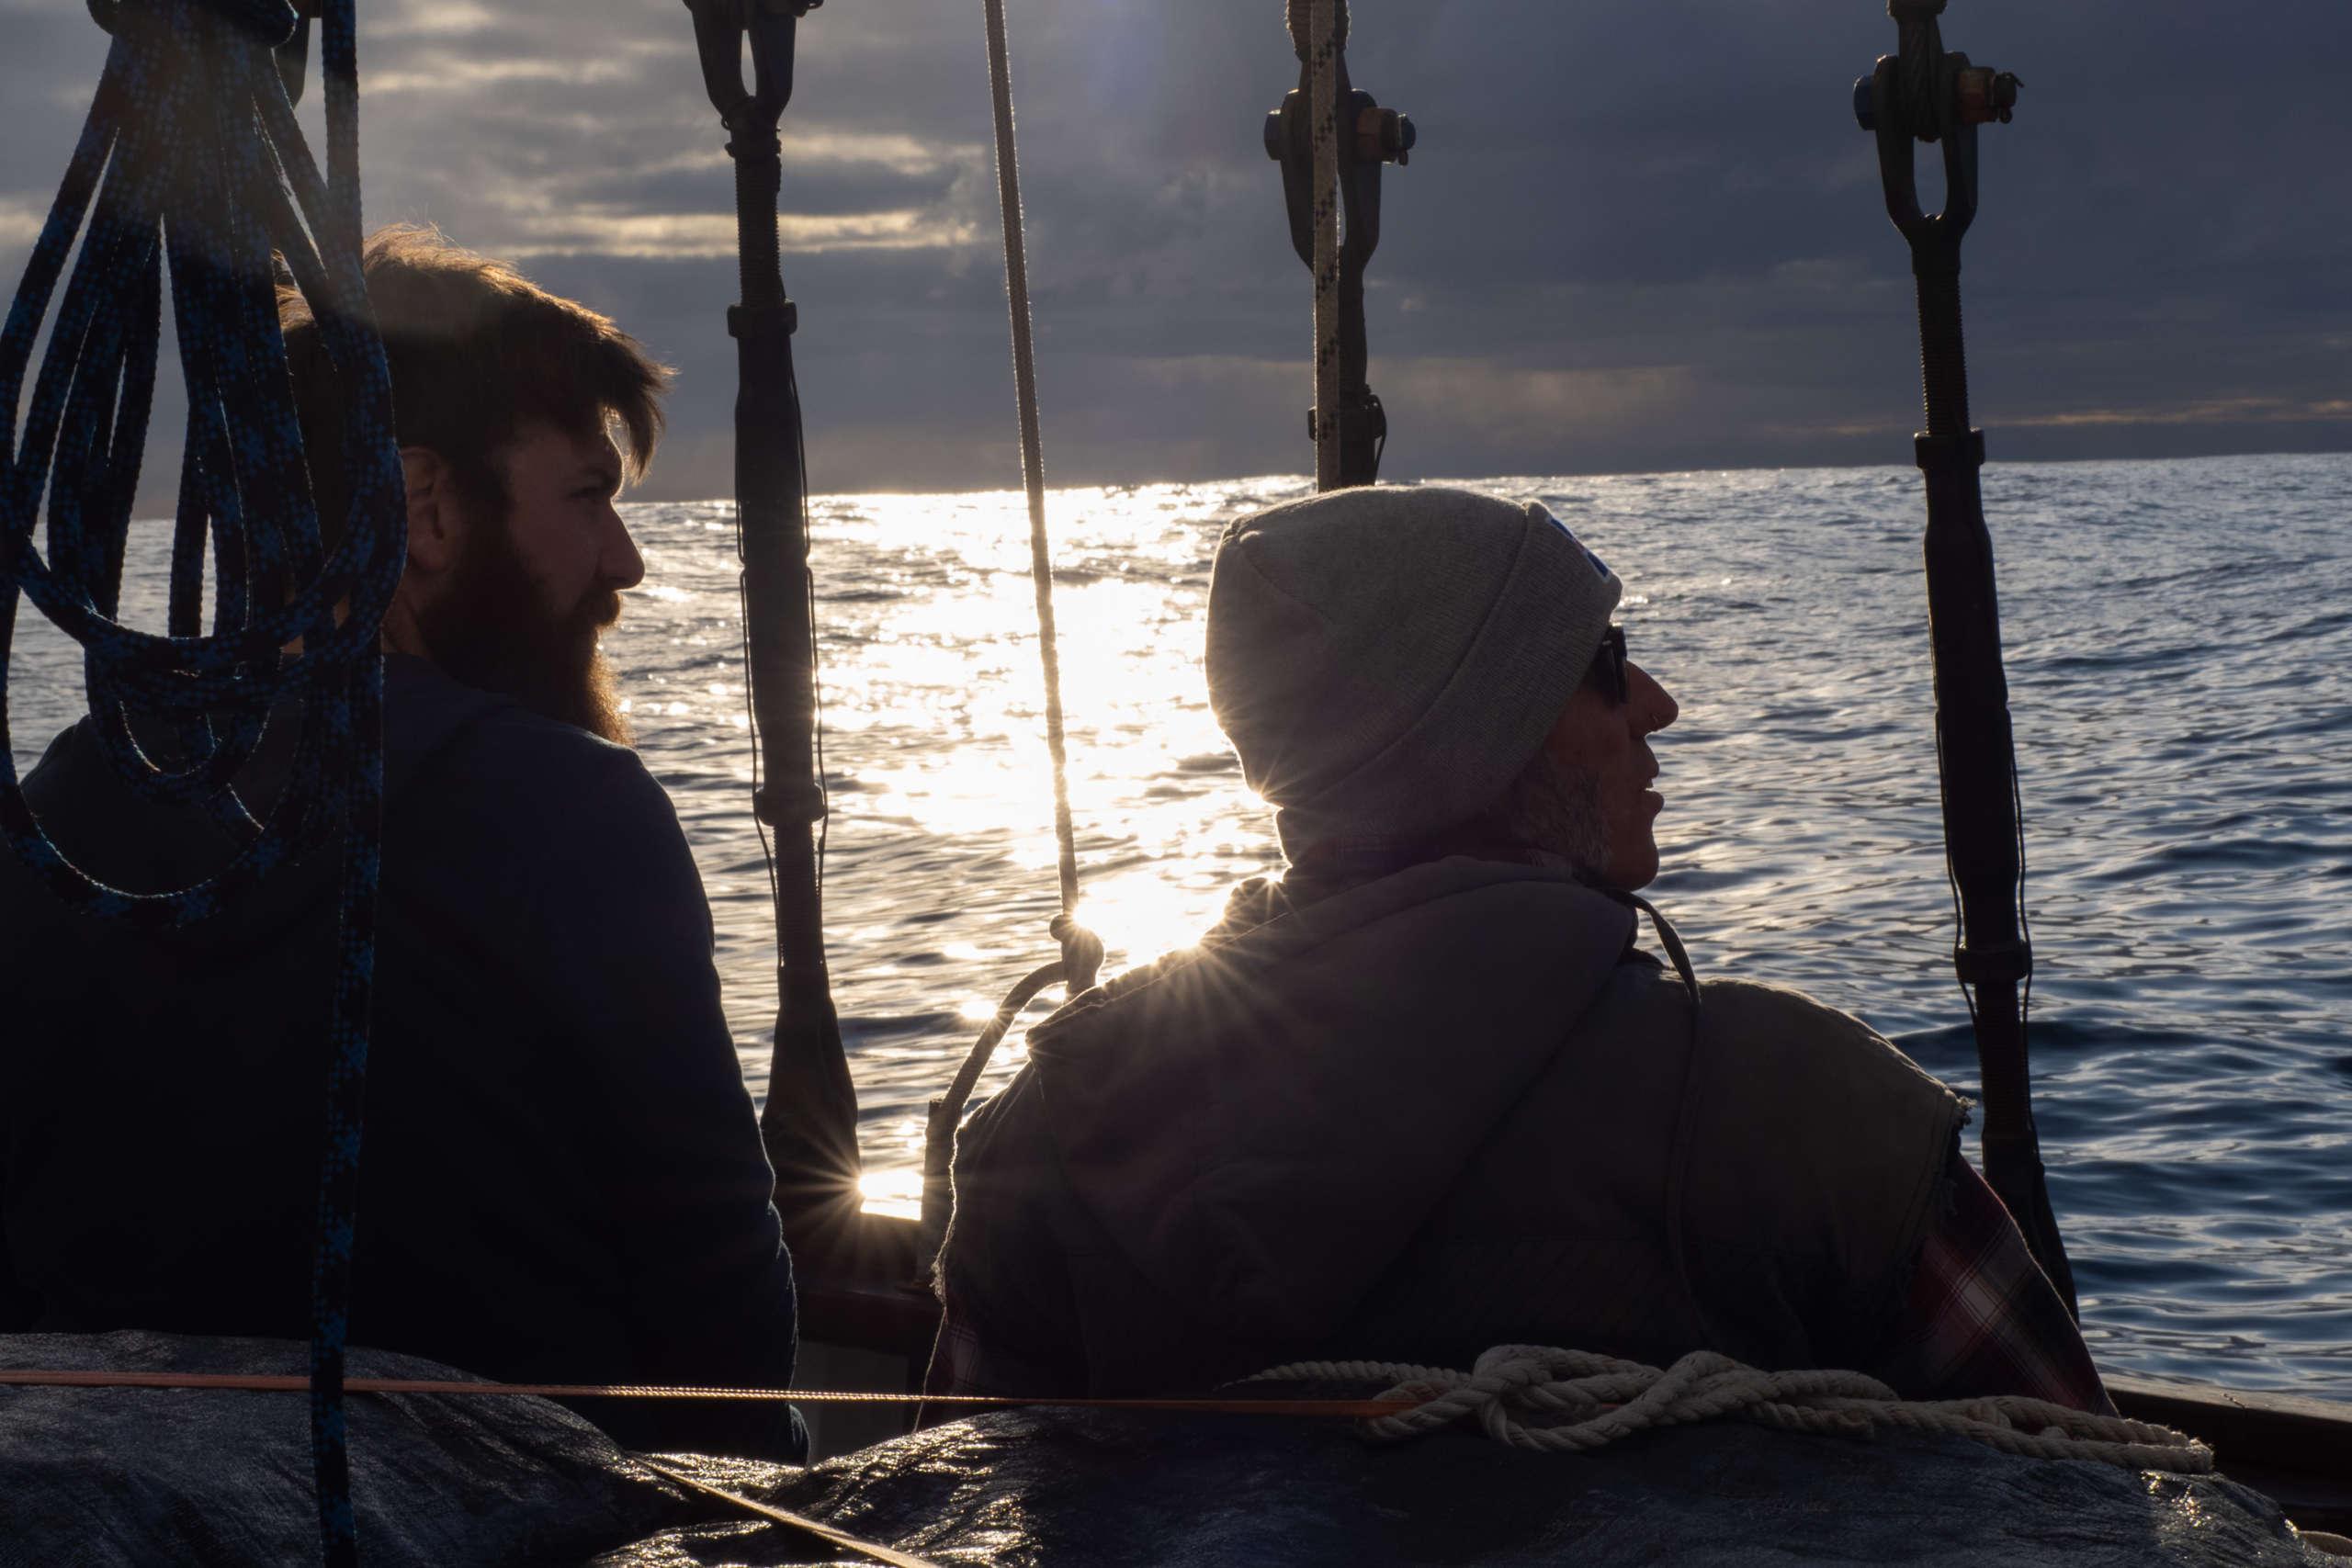 Pere et Michael observation de baleines fondation pacifique